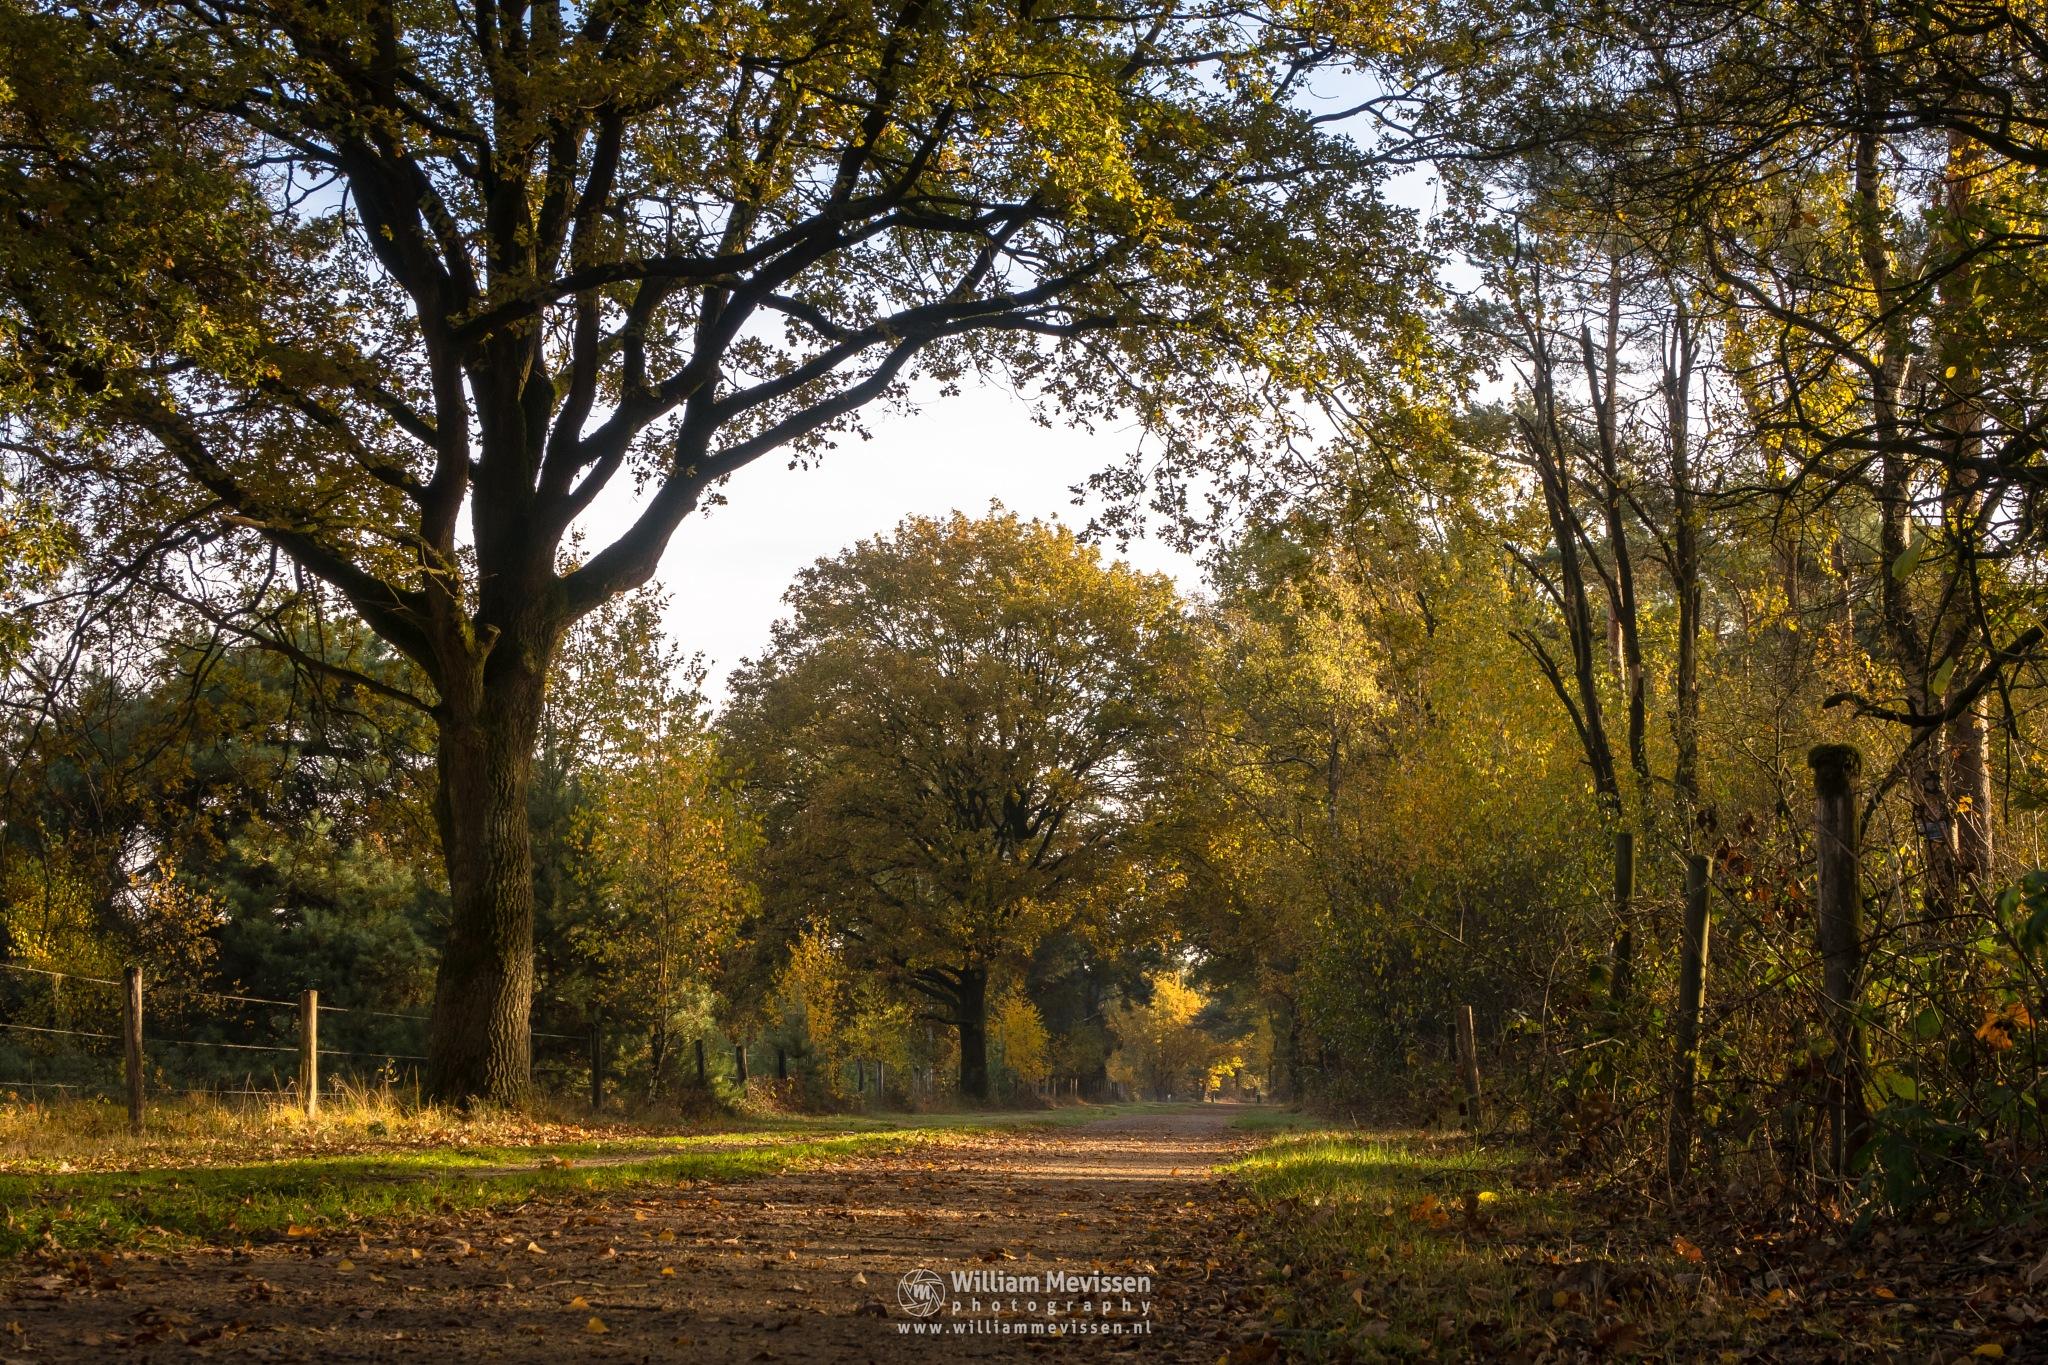 Autumn Path Bergerheide by William Mevissen